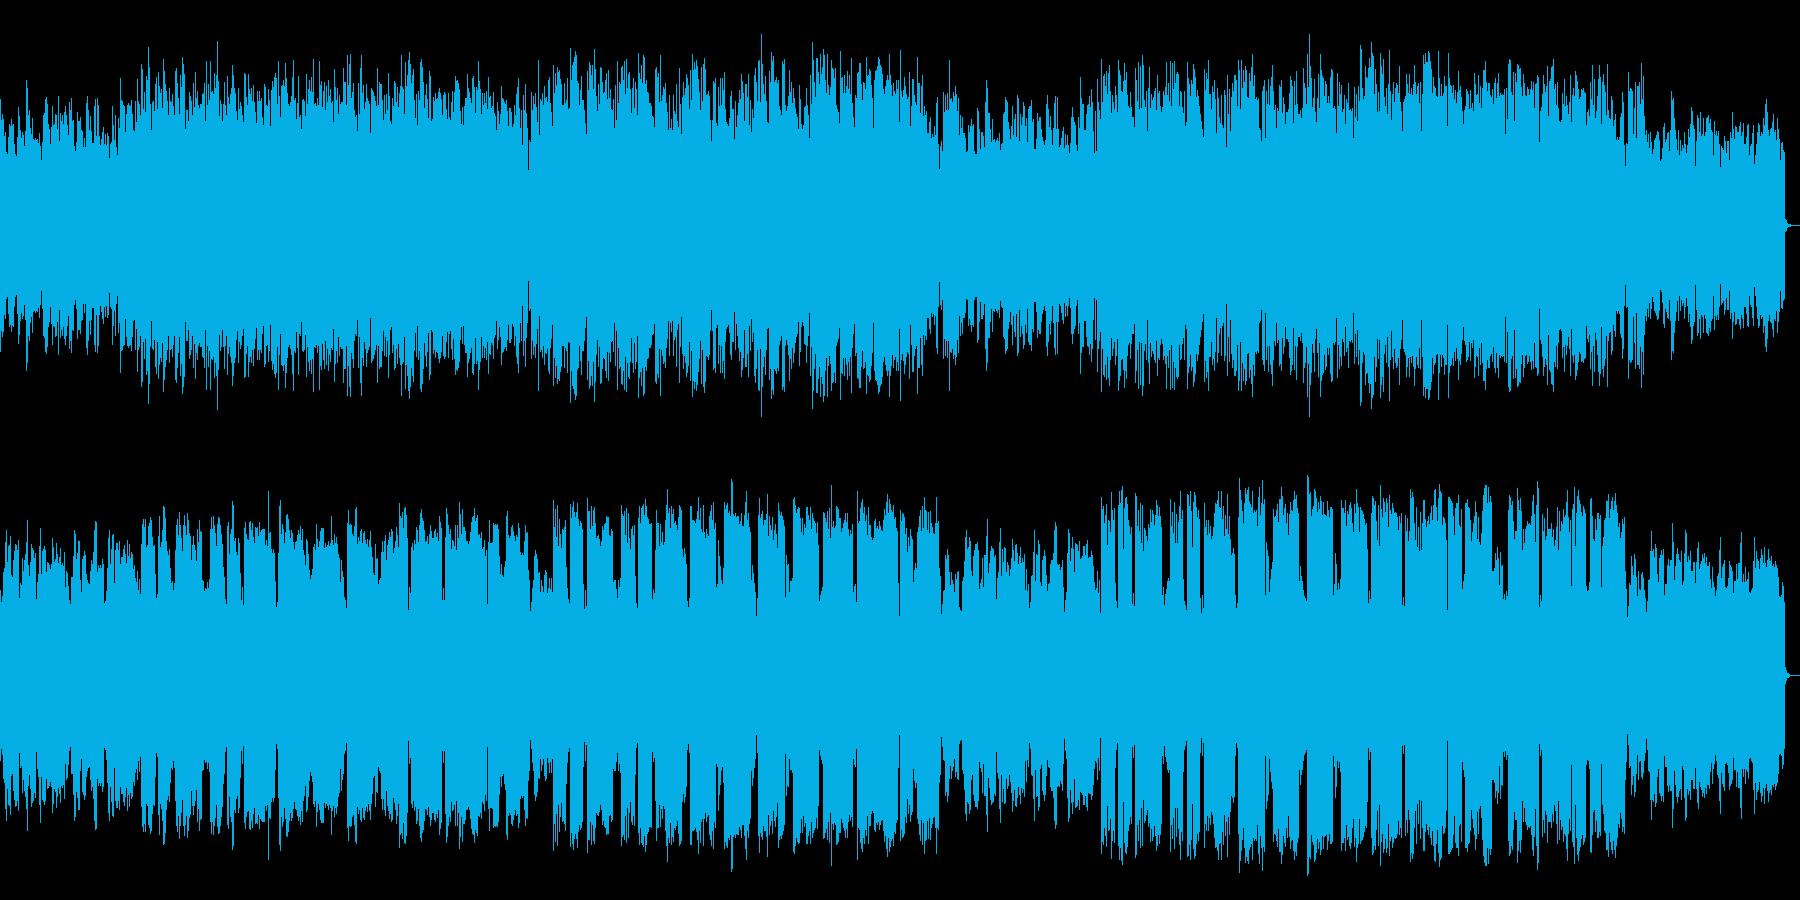 ピアノ・管の、ほのぼのメロディアスPopの再生済みの波形